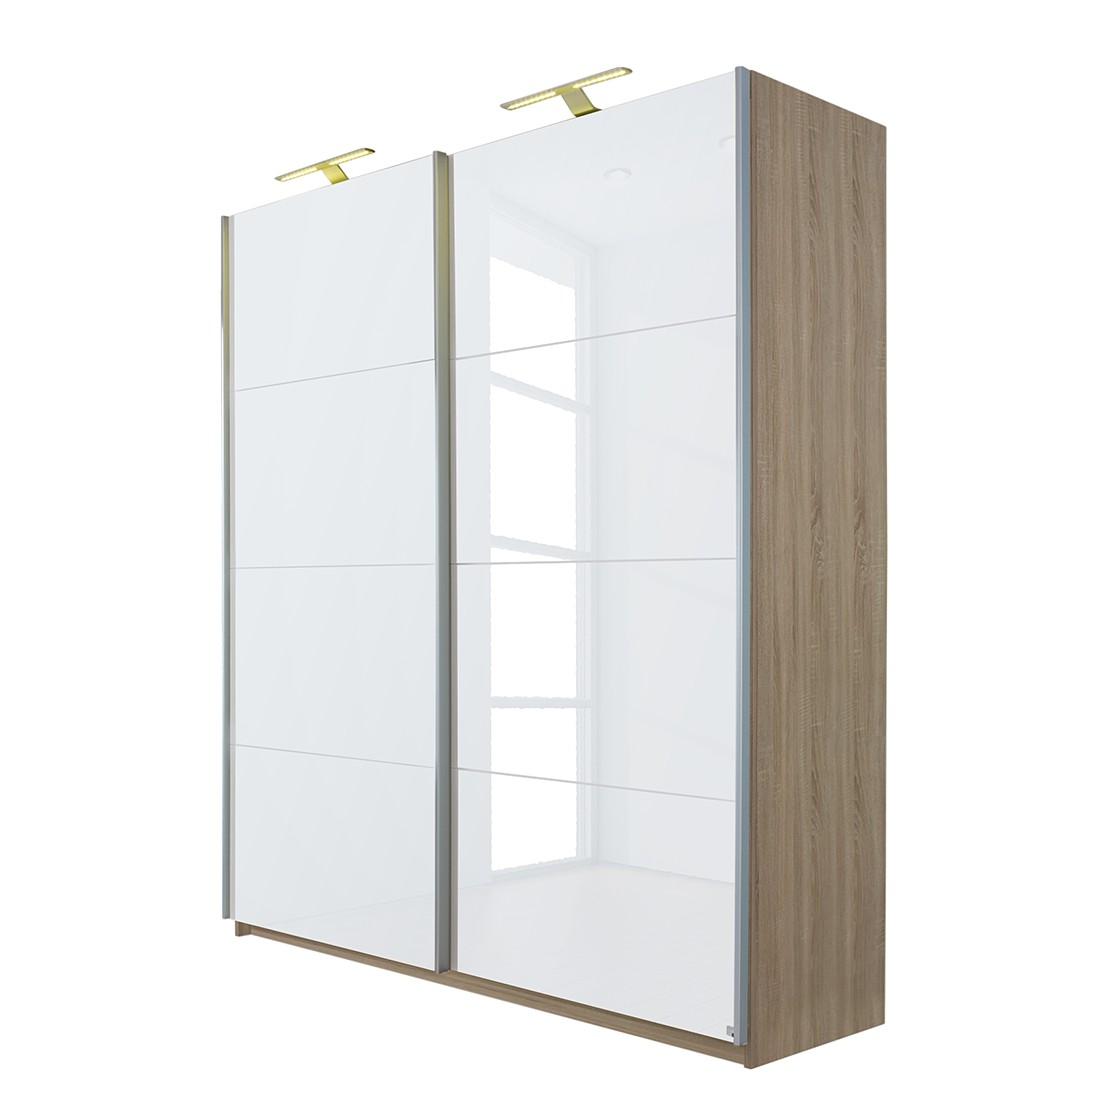 goedkoop Schuifdeurkast Beluga hoogglans wit Sonoma eikenhouten look 225cm 2 deurs 236cm Rauch Select